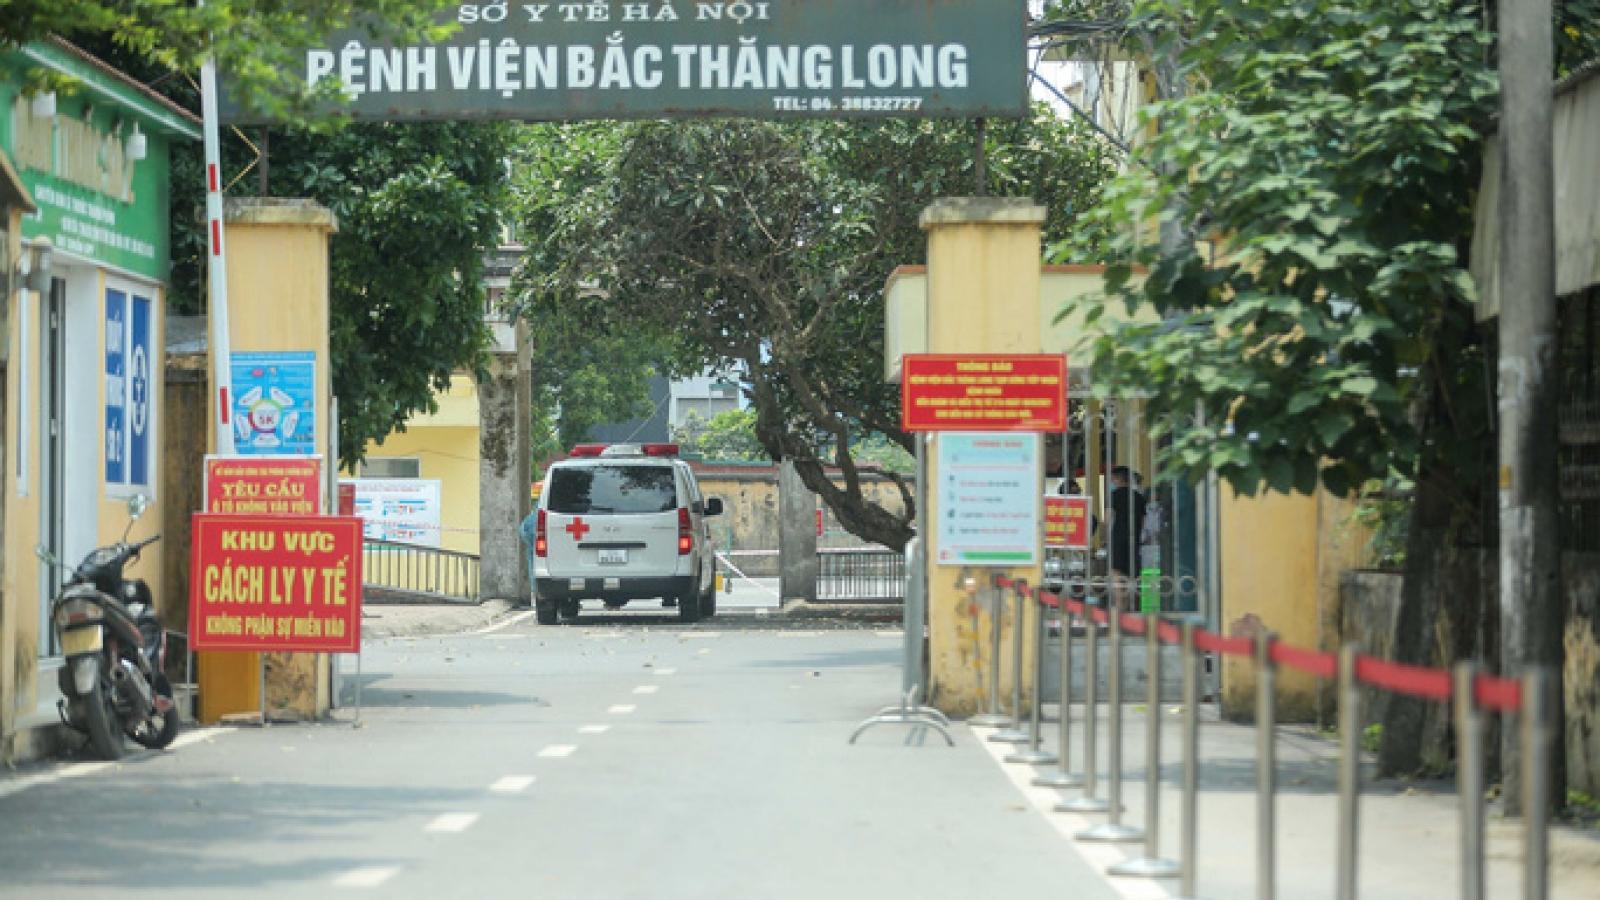 Nữ điều dưỡng Bệnh viện Bắc Thăng Long dương tính với SARS-CoV-2